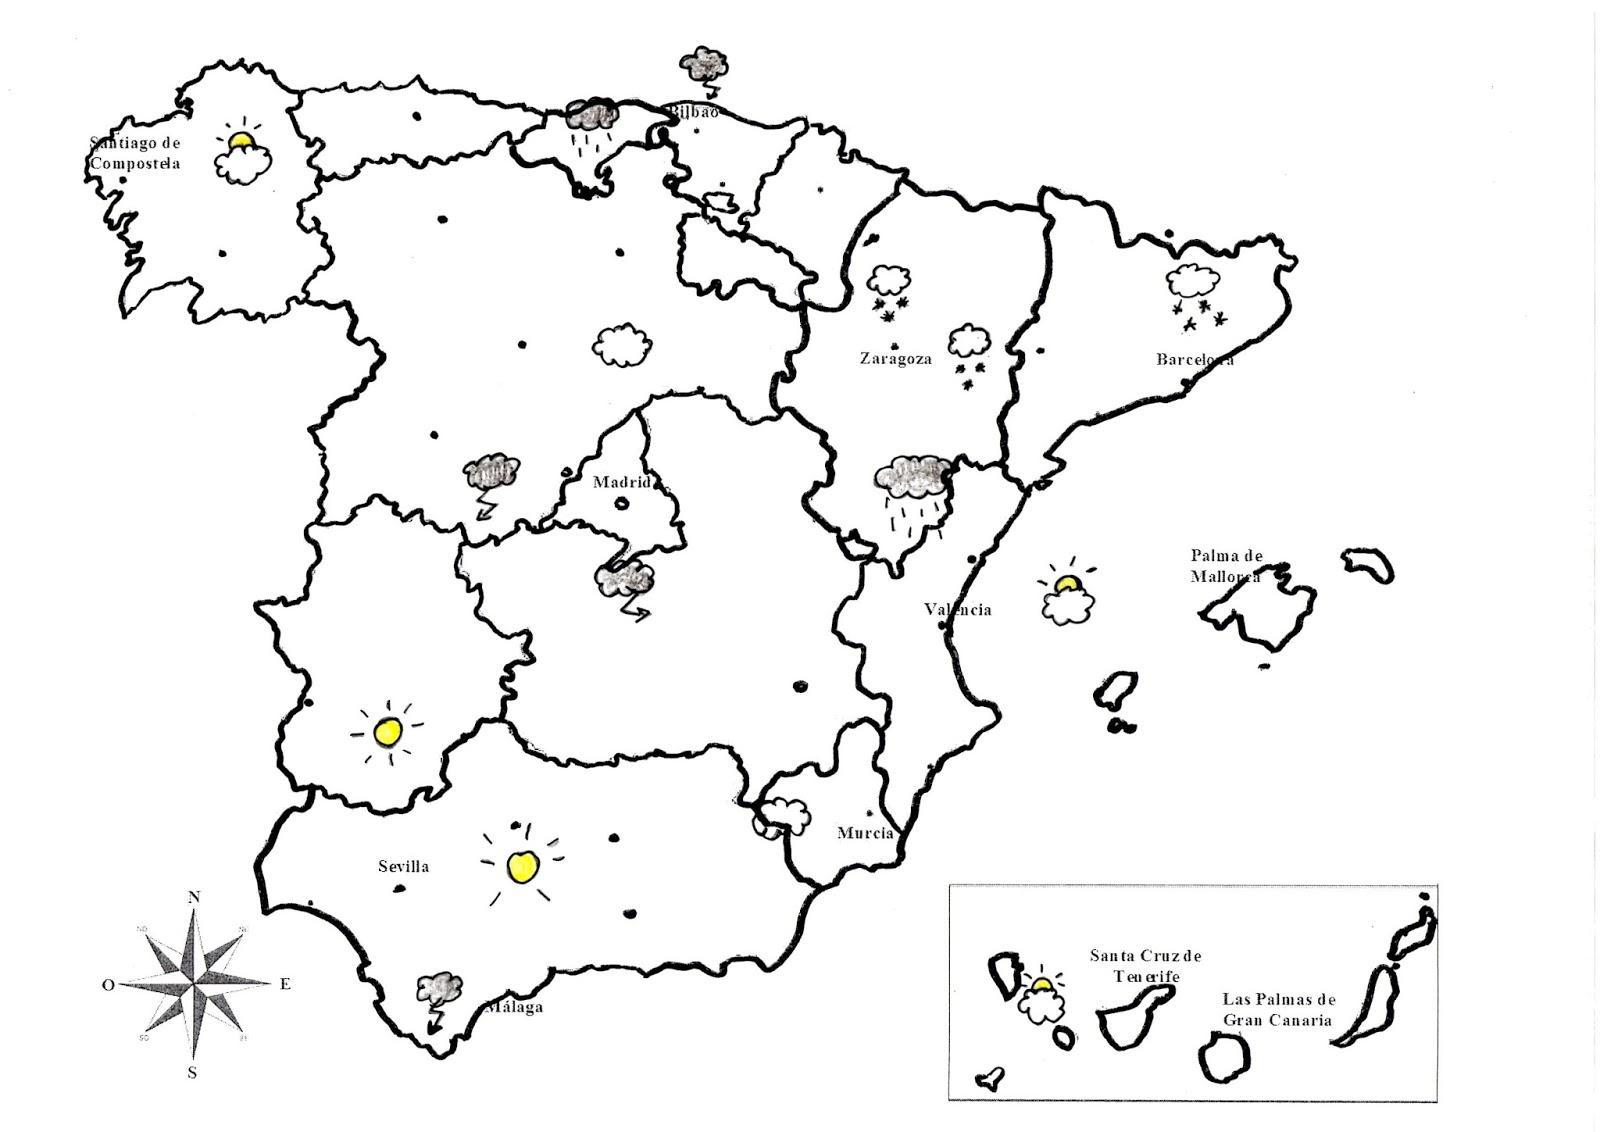 Marca Del Mapa Símbolo De Ios 7: Lengua Magica En El Rosario: Los Símbolos Meteorológicos